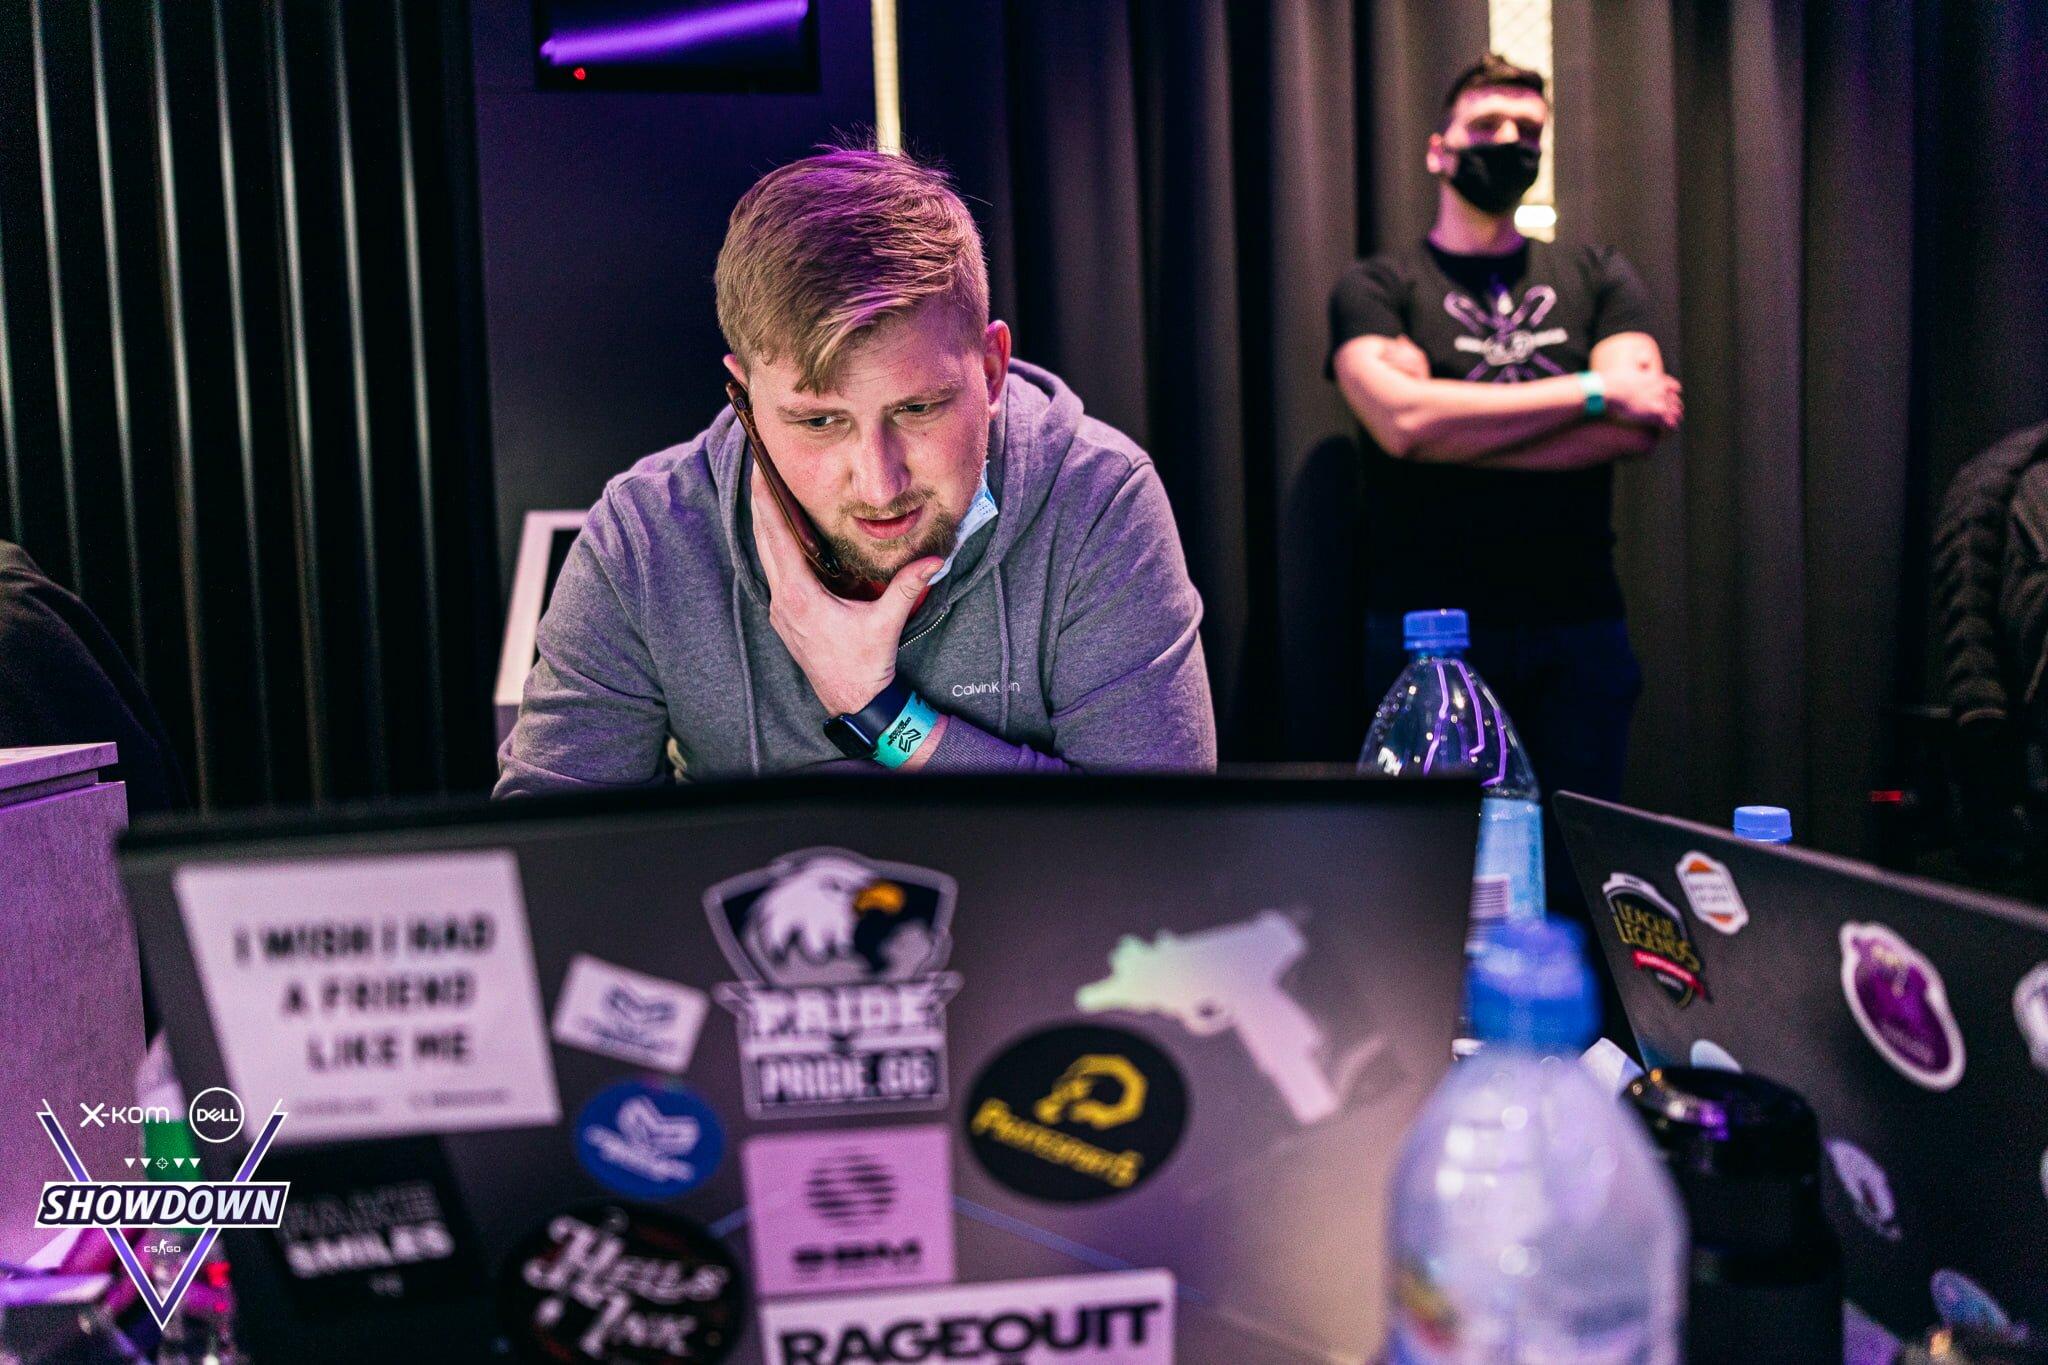 Matysiak: Byliśmy gotowi transmitować powtórkę meczu Anonymo nawet w środku nocy